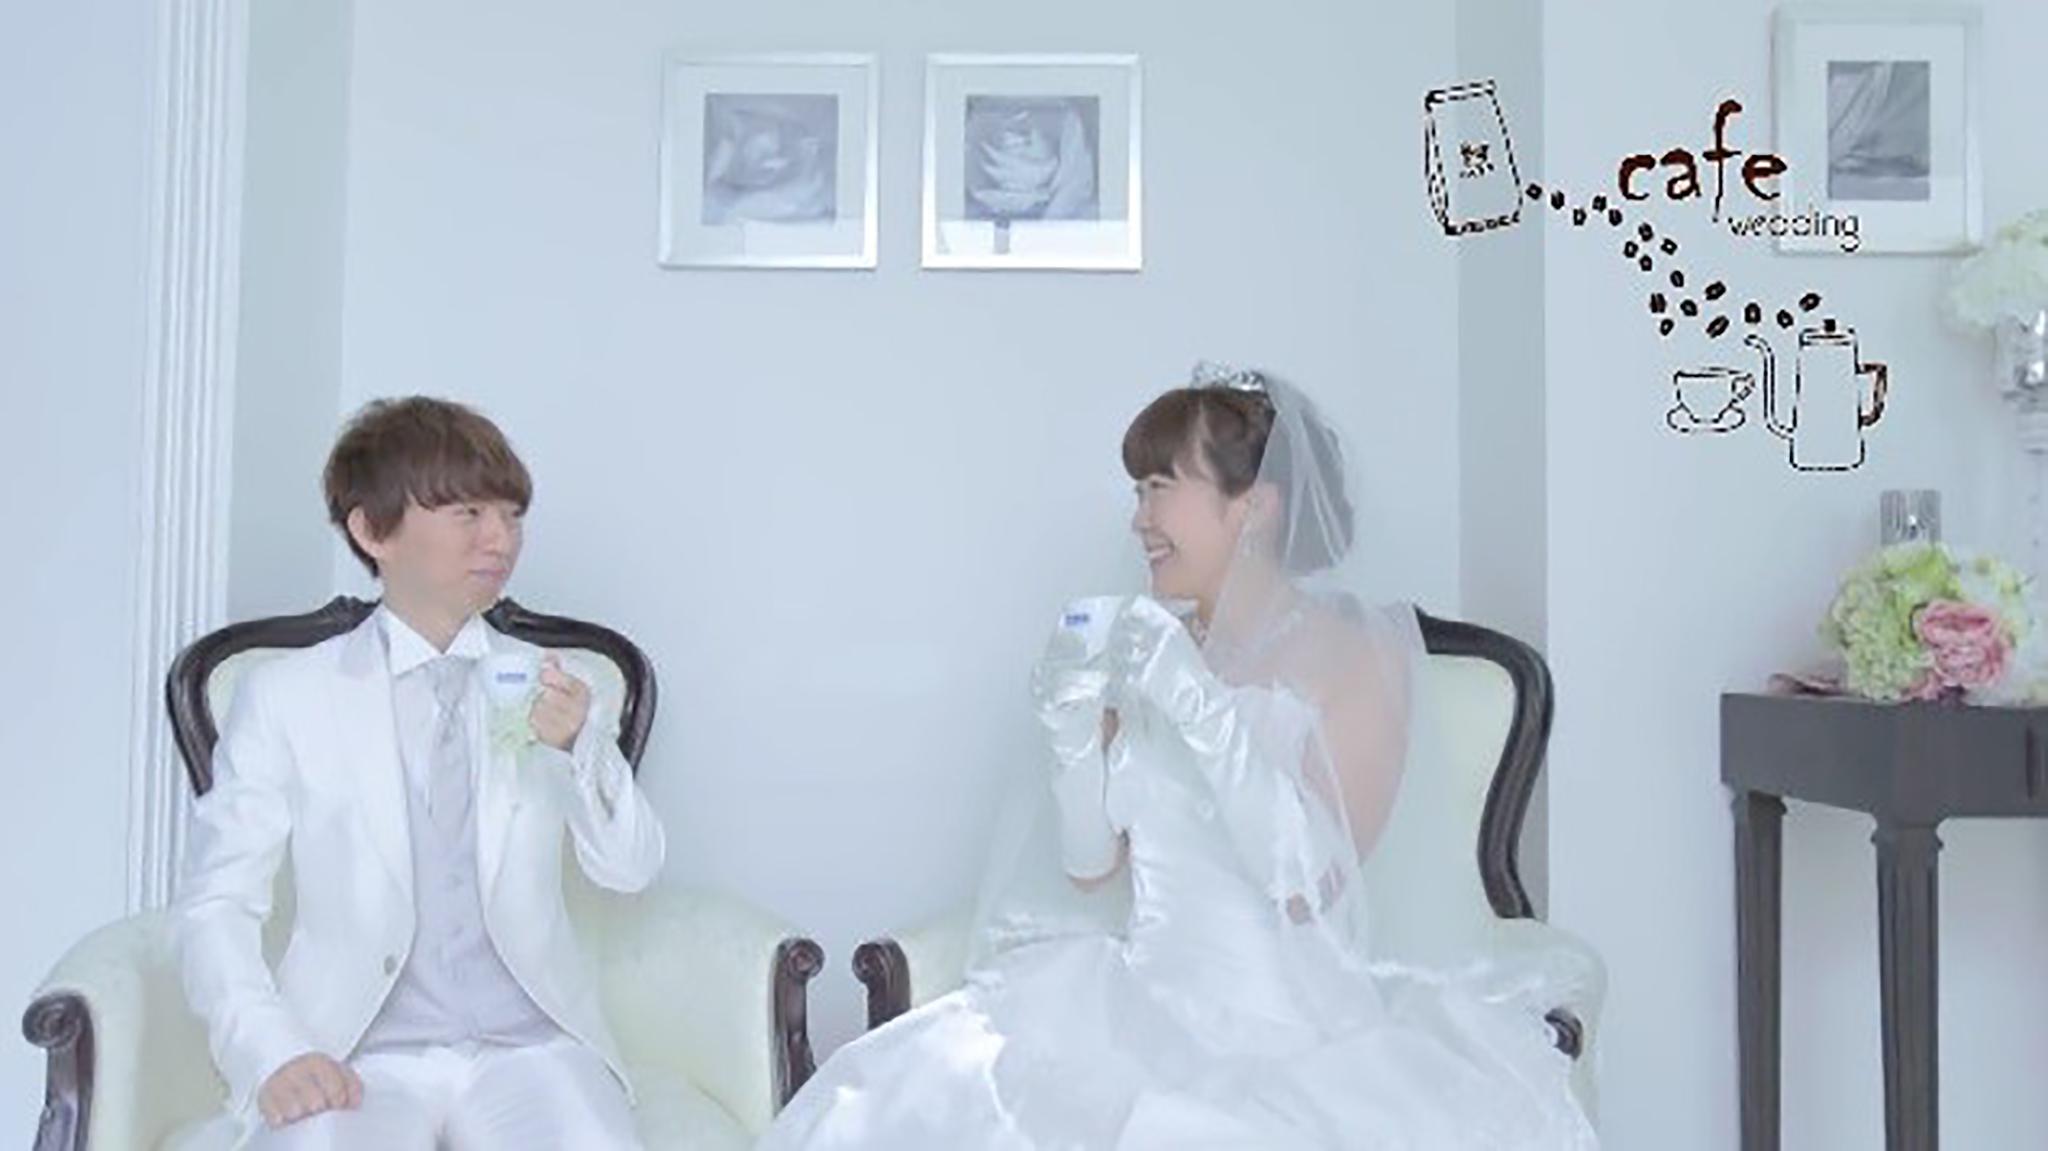 思い出のカフェがテーマの結婚式とご新婦が手紙に込めた妹への想い